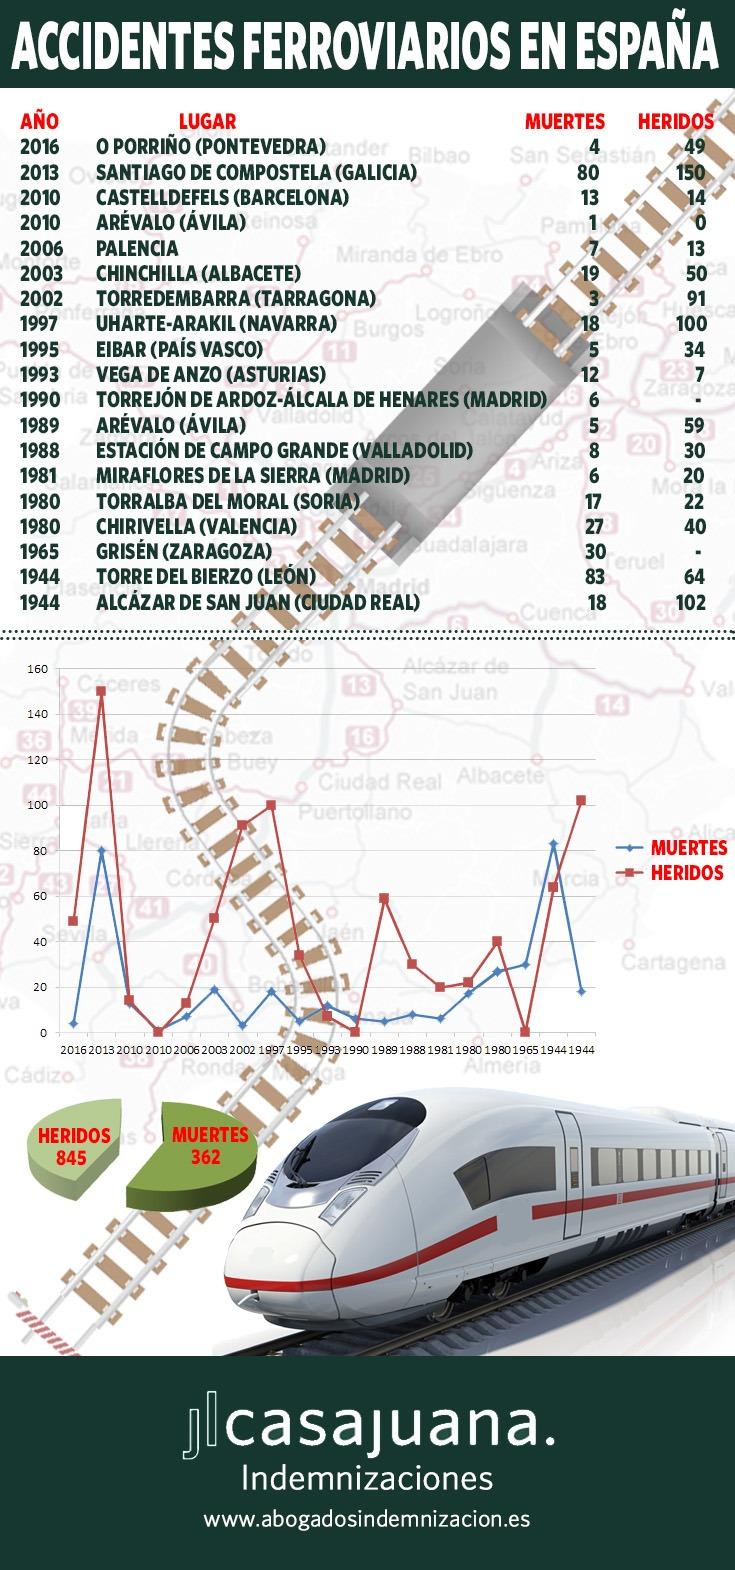 accidentes ferroviarios en españa - infografia